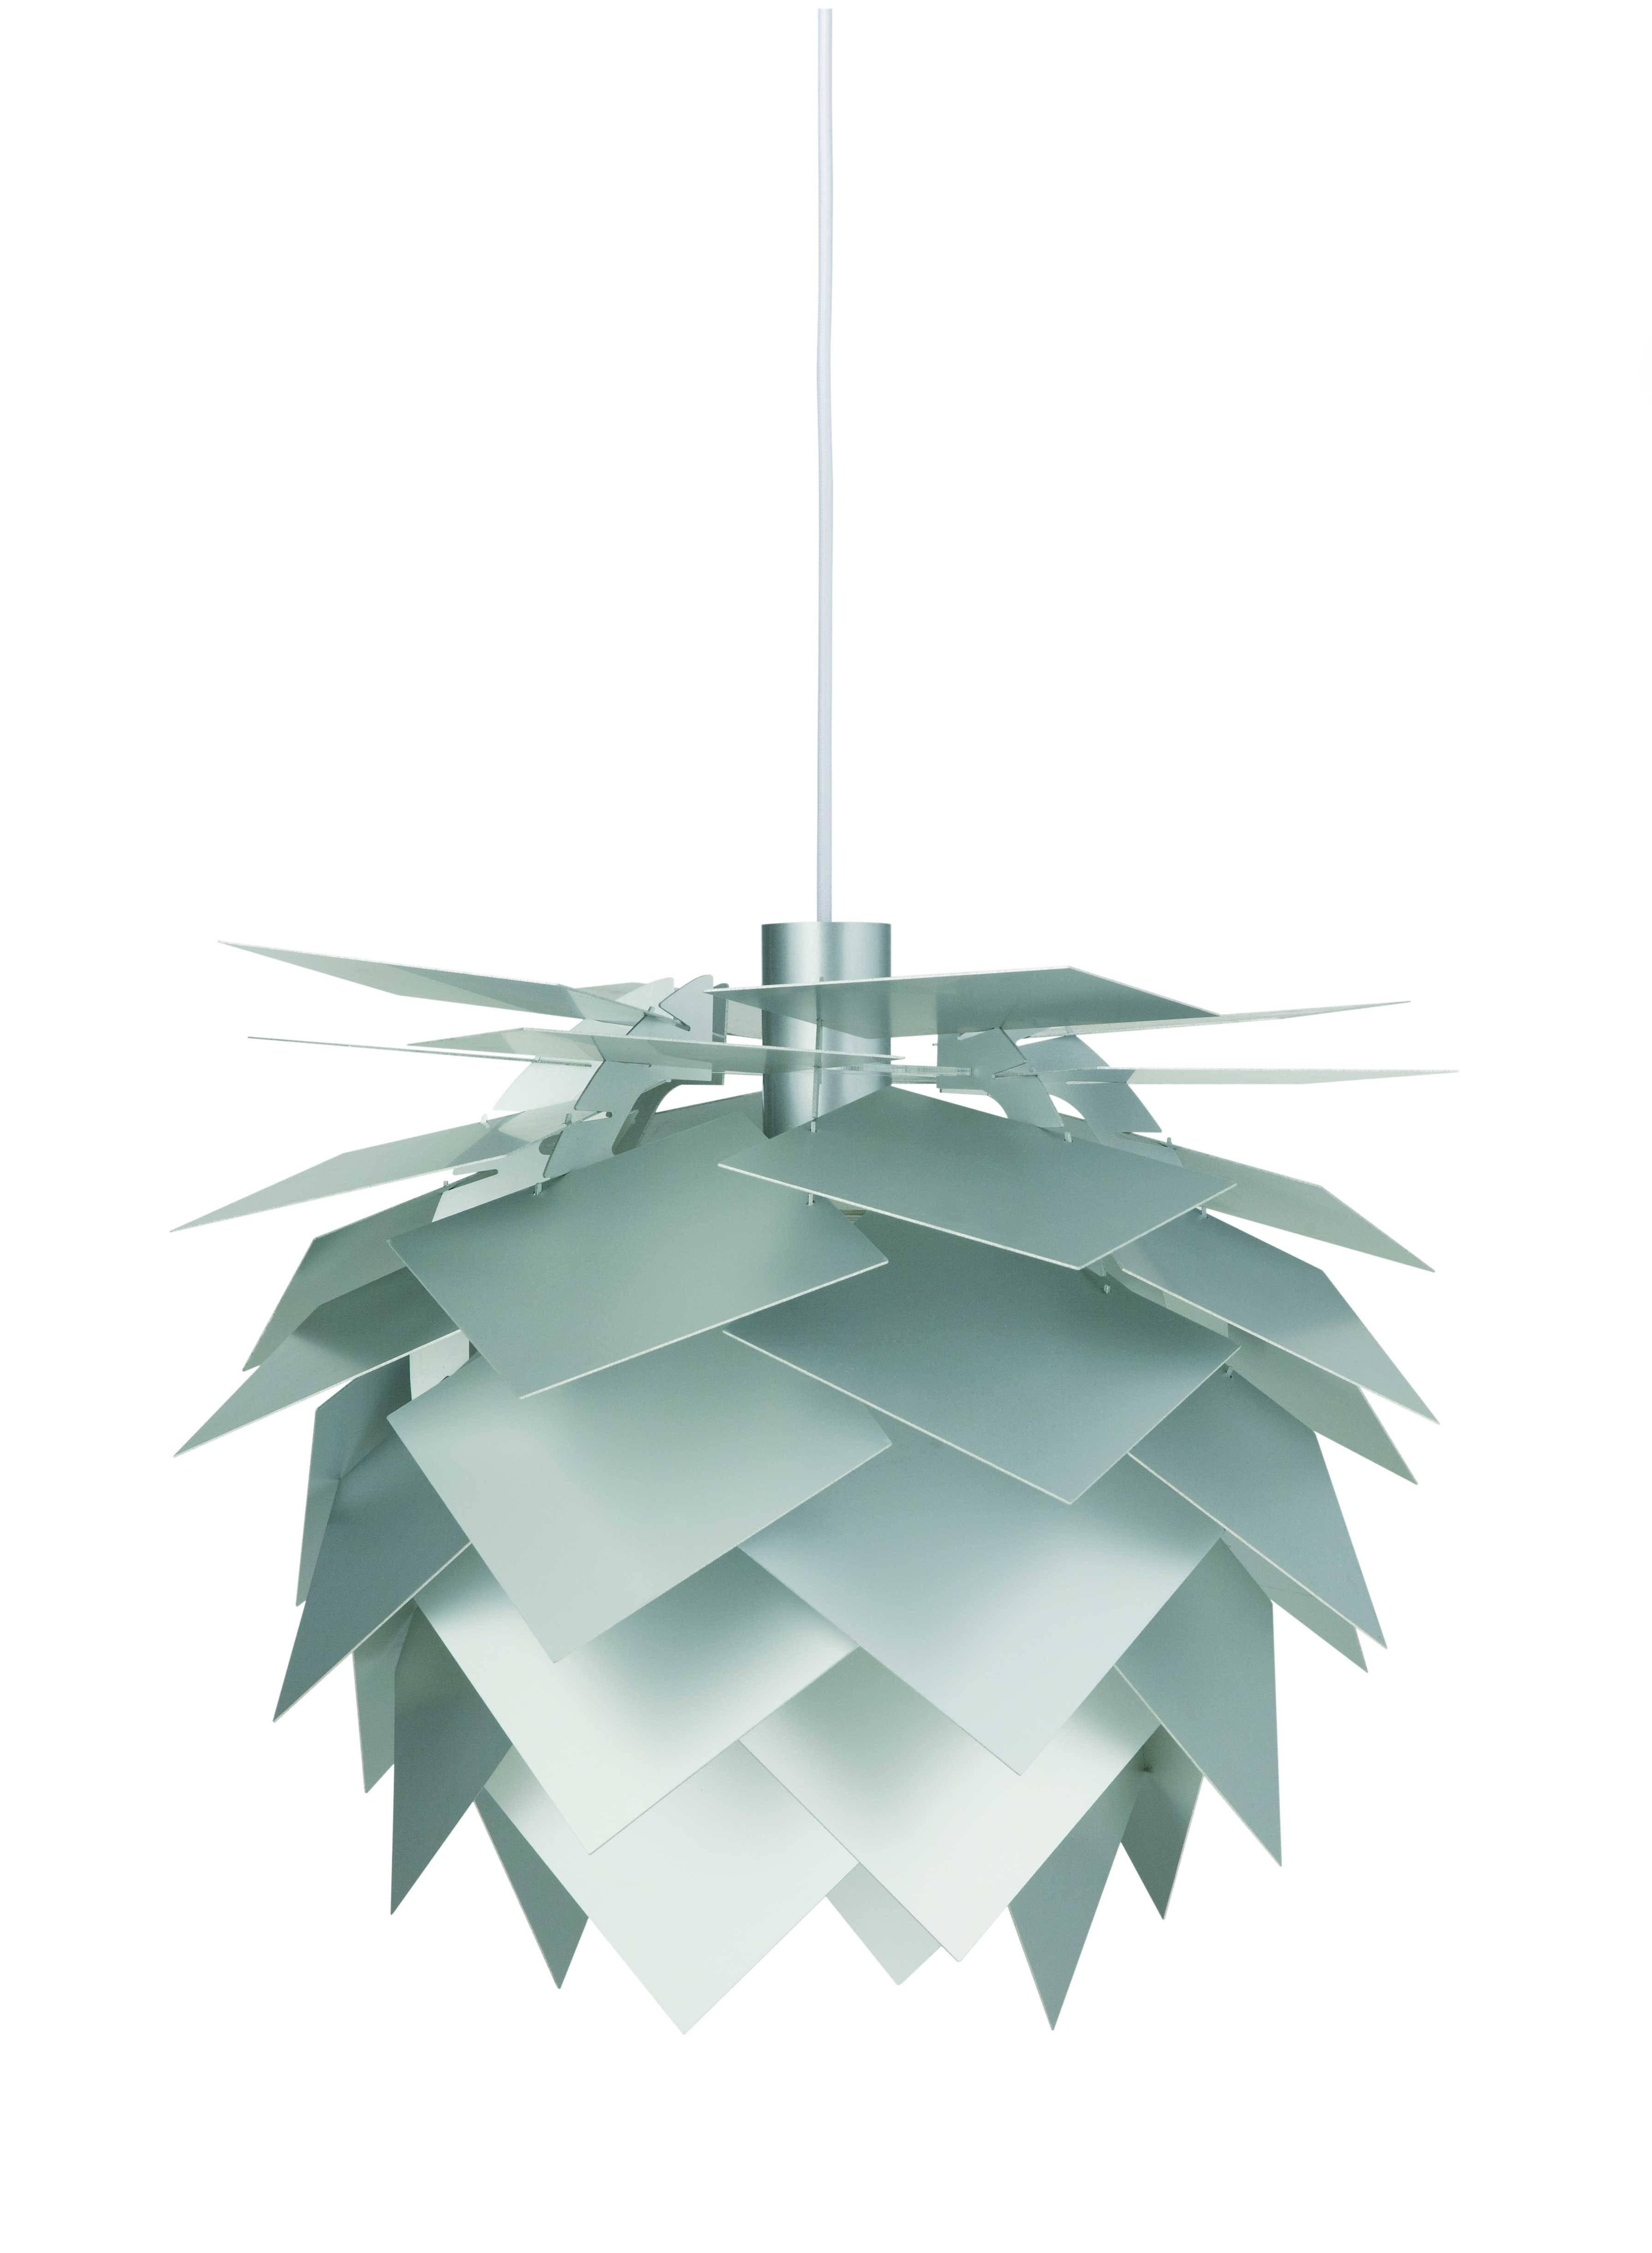 PineApple serien er designet af Frank Kerdil for Dyrberg-Larsen. PineApple består af en komplet serie af smukke eksklusive lamper